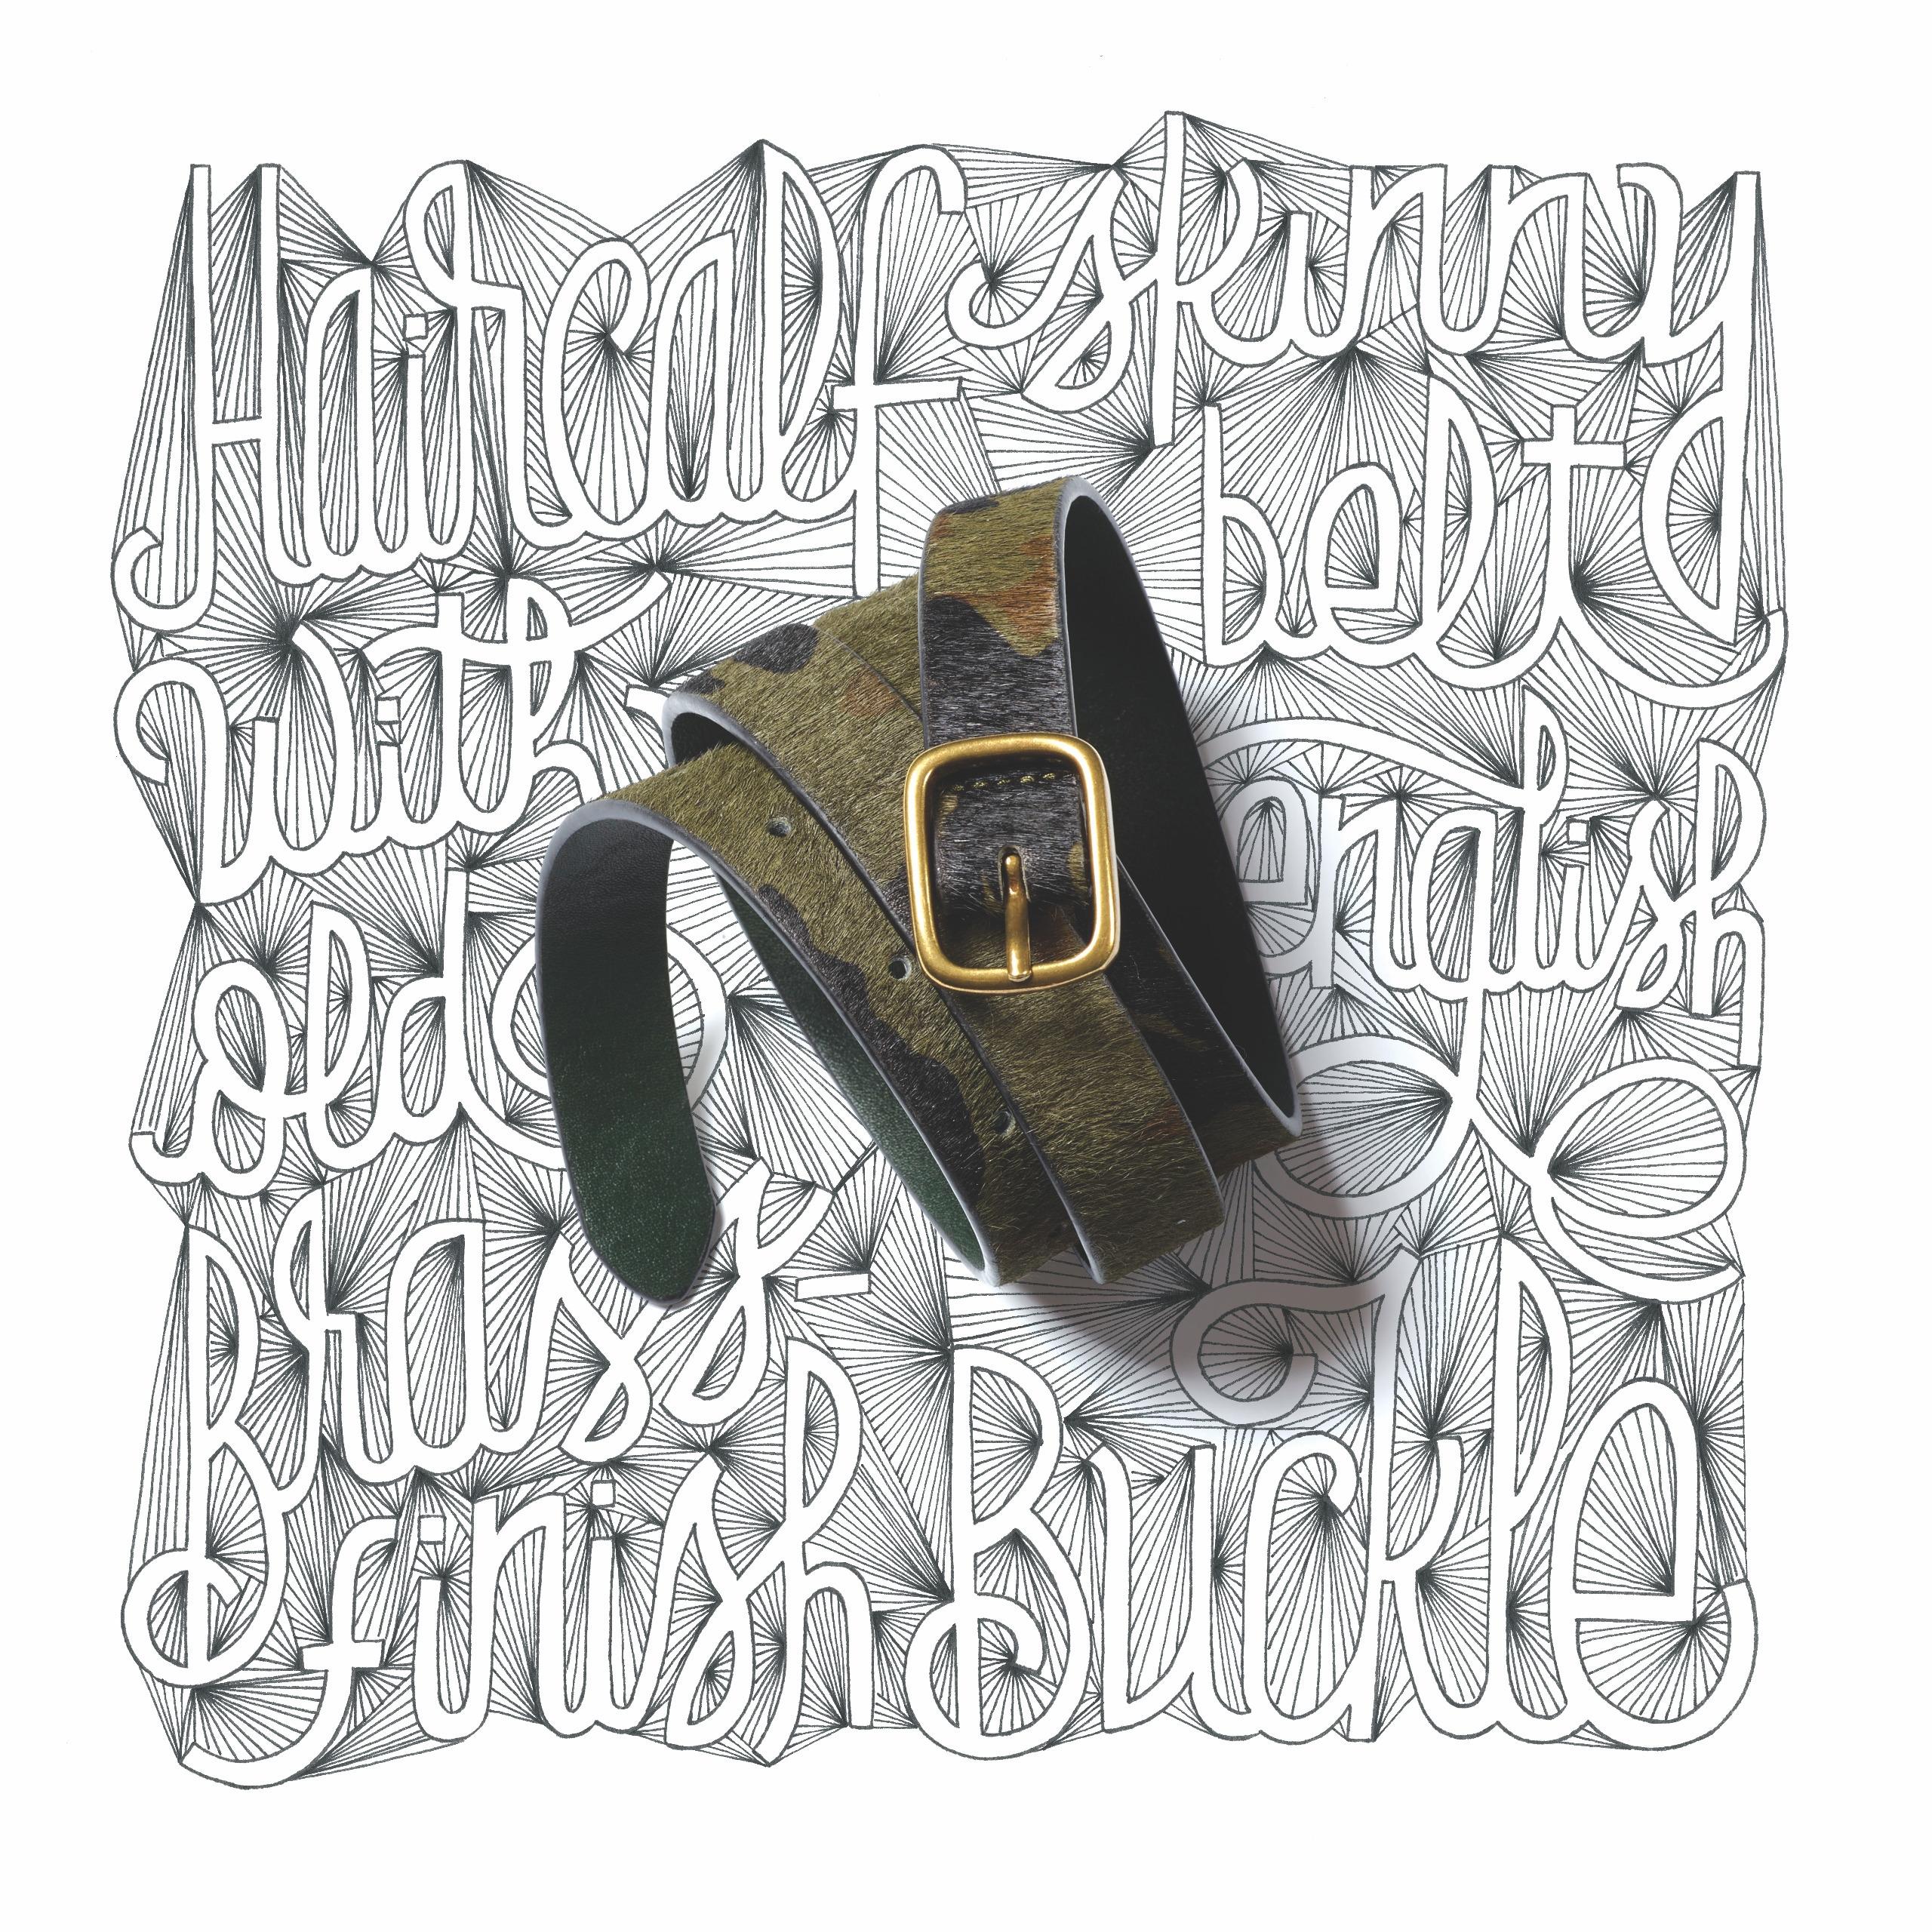 GAP handmade belts - lettering, type - leandrosenna | ello